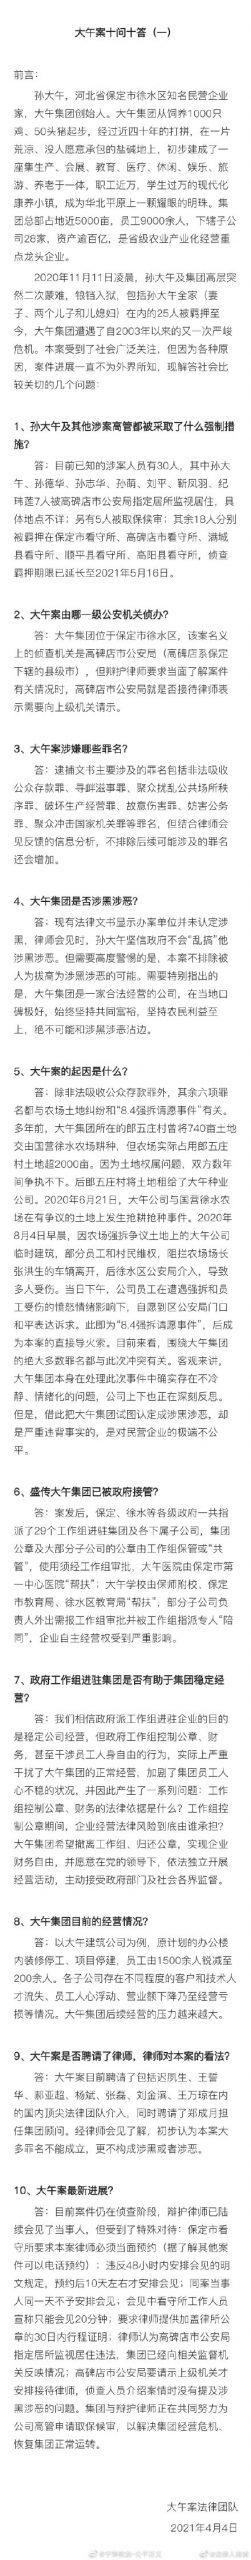 孙大午被抓4个月多 两弟媳发表公开信 被全网封杀